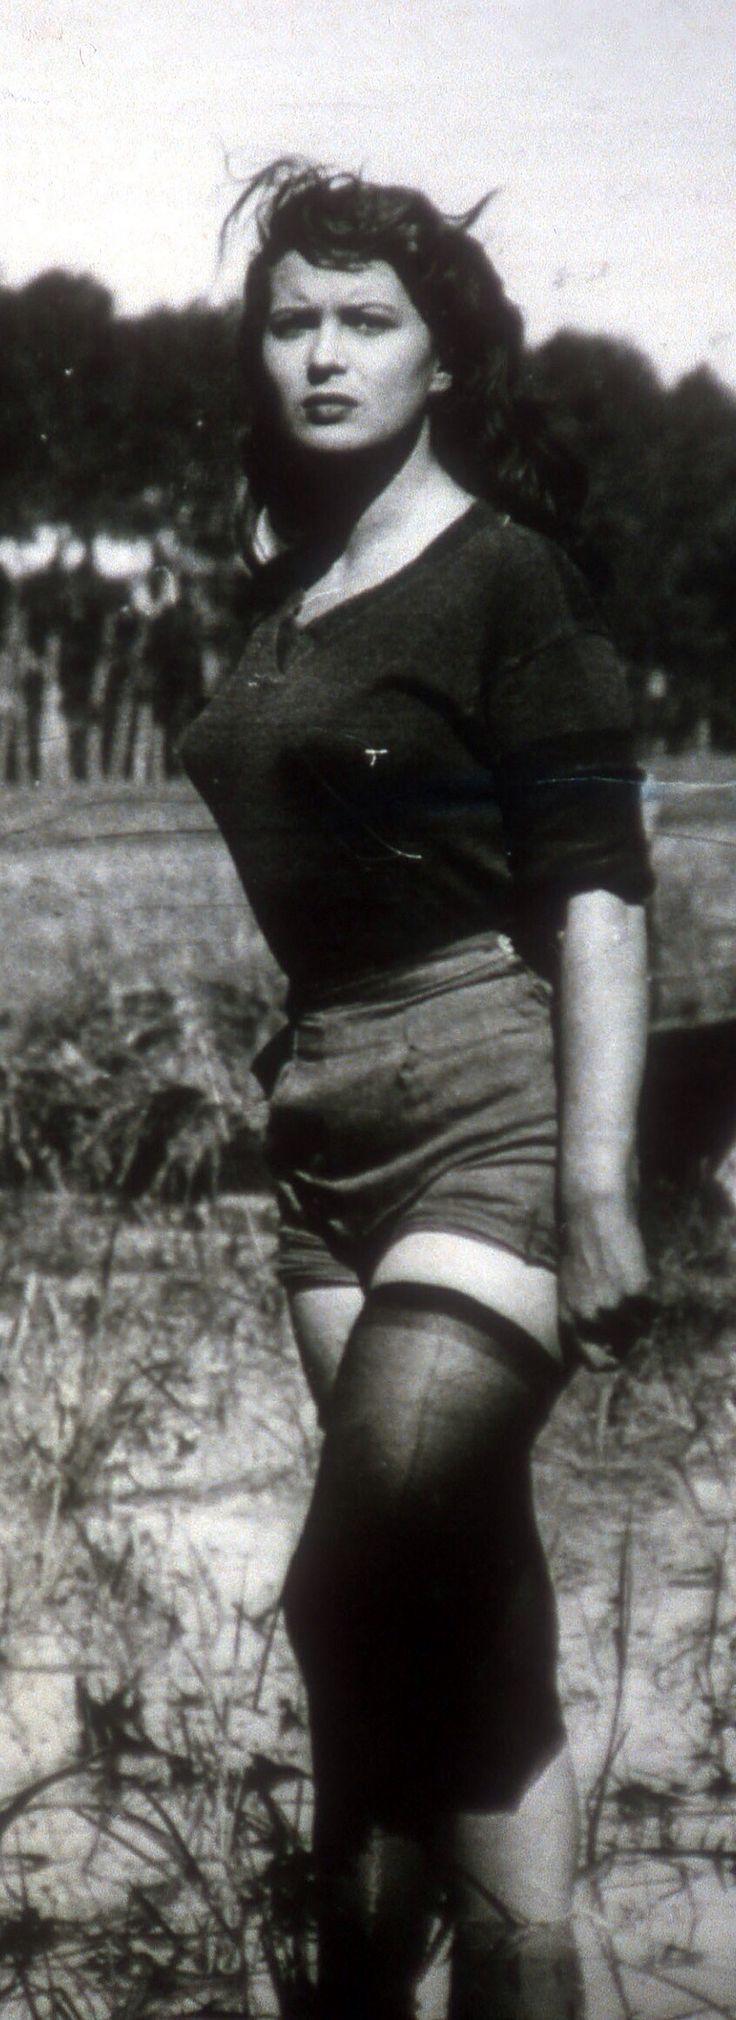 Silvana Mangano in 'Riso amaro', 1951